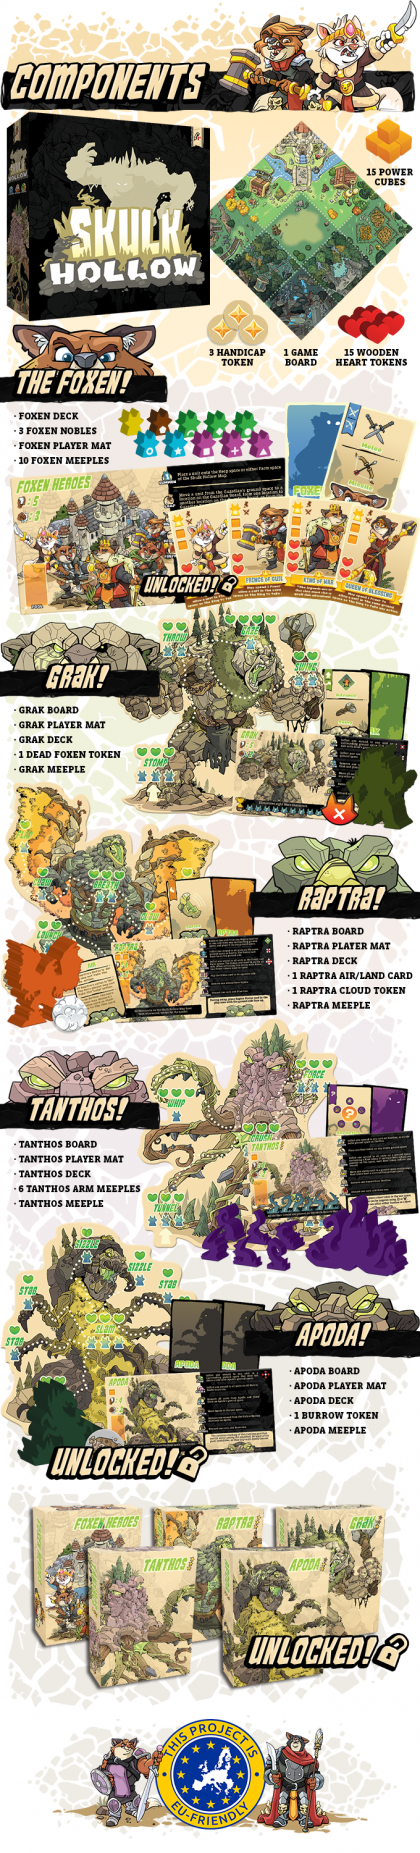 Skulk Hollow: Kickstarter